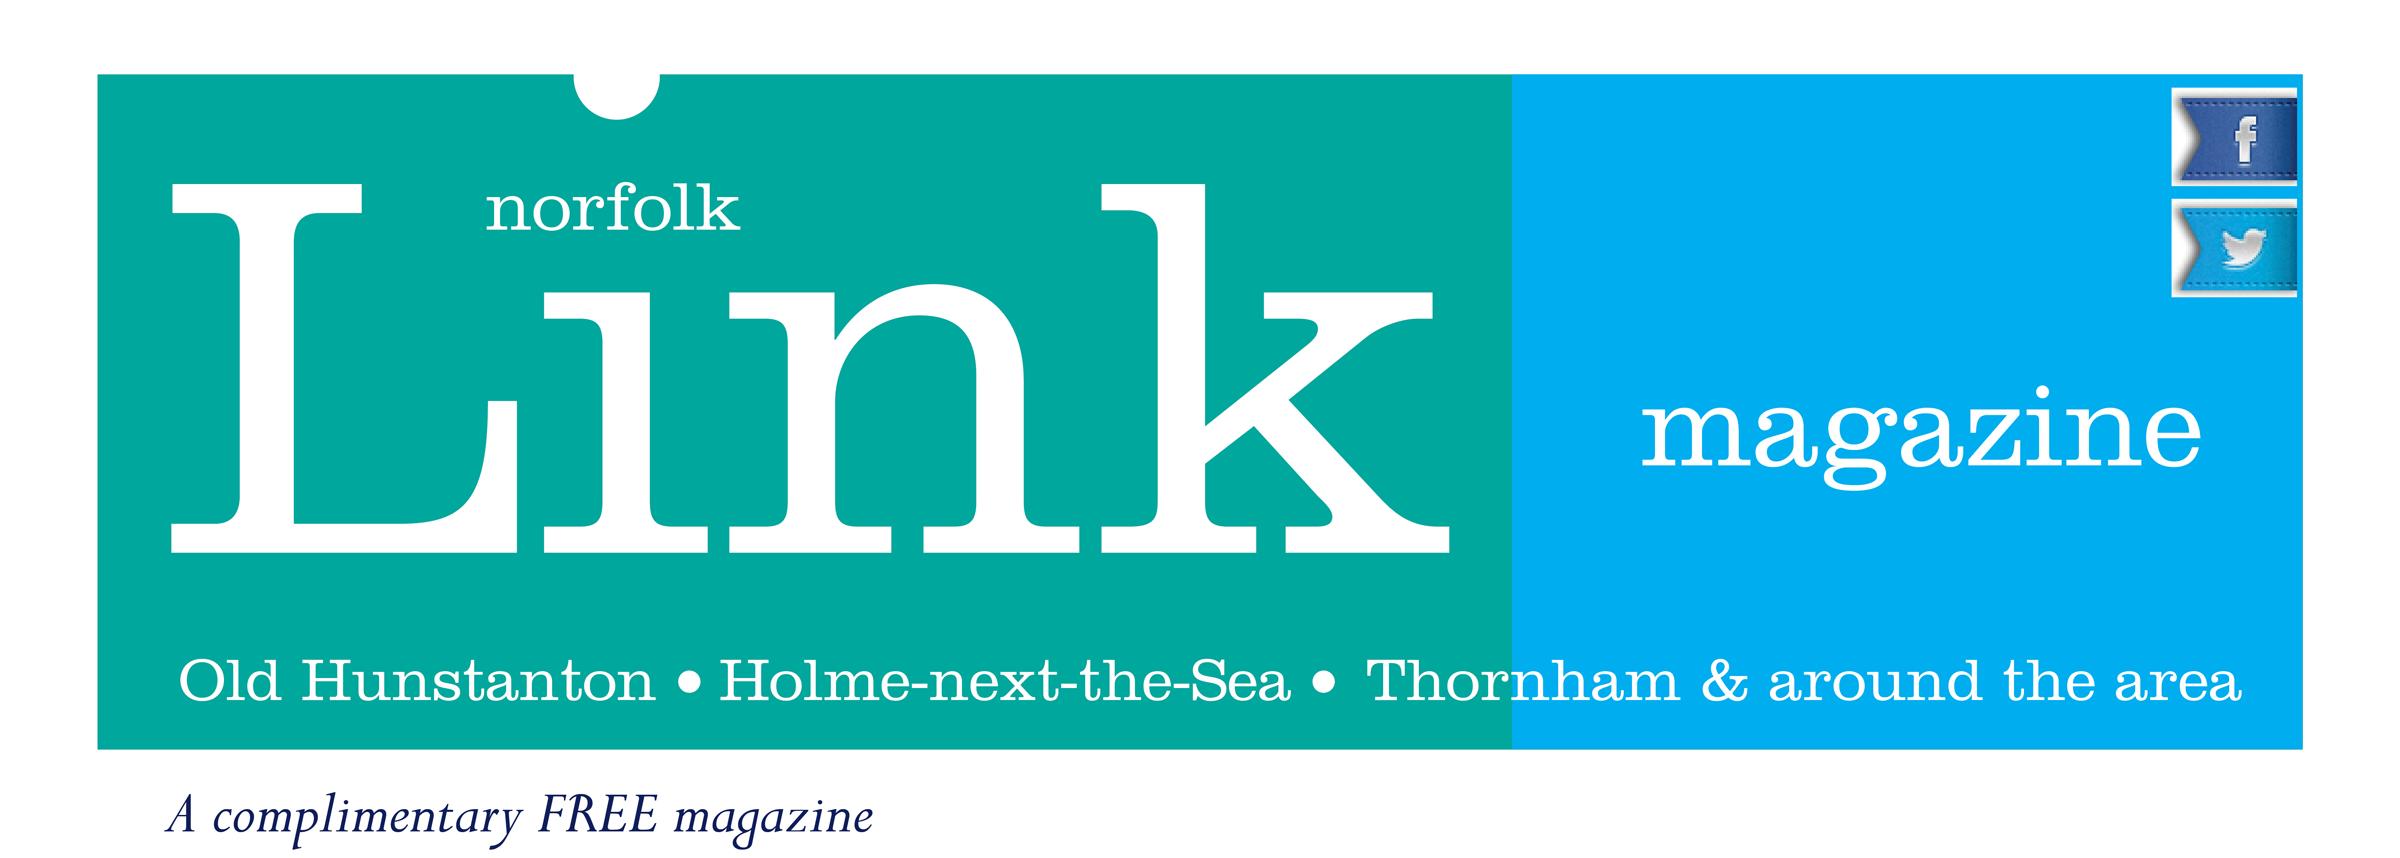 Norfolk Link Parish Magazine for Old Hunstanton, Holme-next-the-Sea, Thornham to Burnham Deepdale